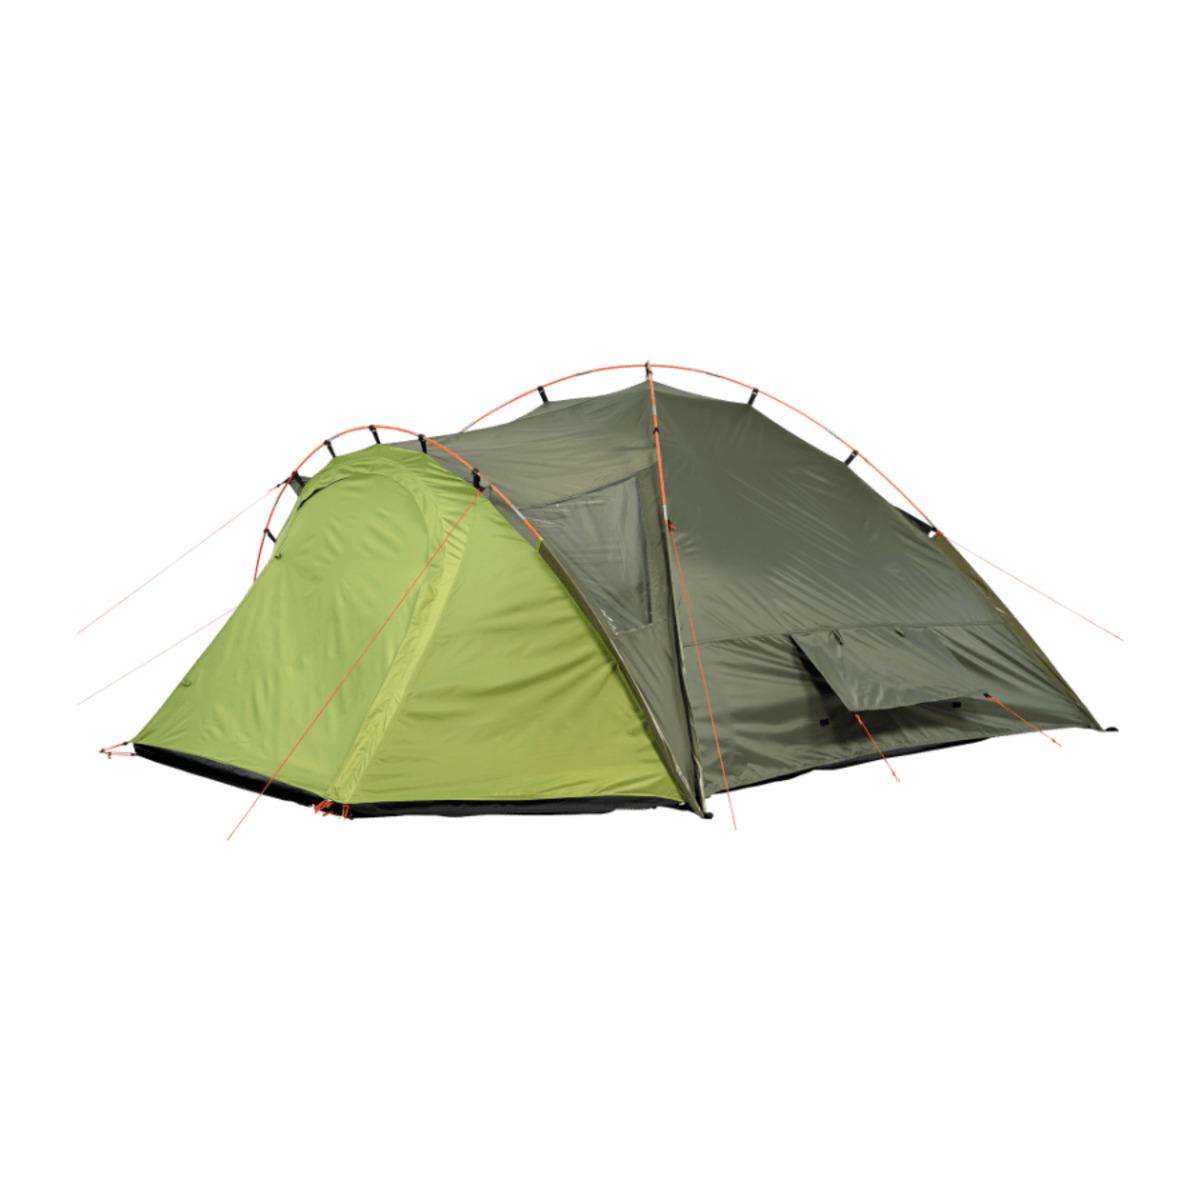 Bild 3 von FUN CAMP     Iglu-Doppeldach-Zelt